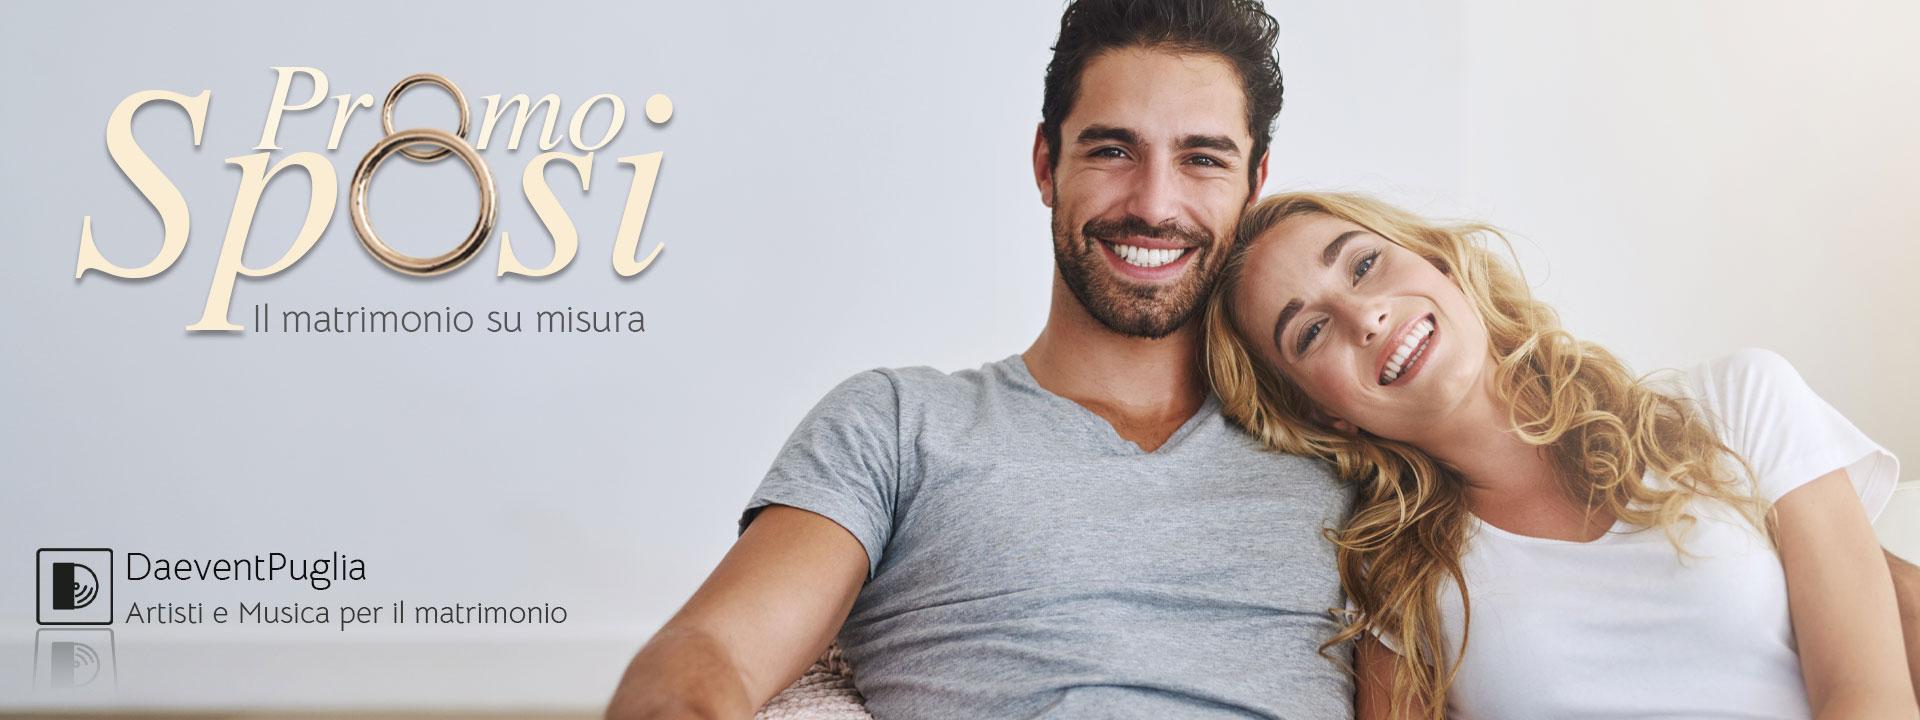 Promo Sposi Matrimonio 2021 2022 Puglia